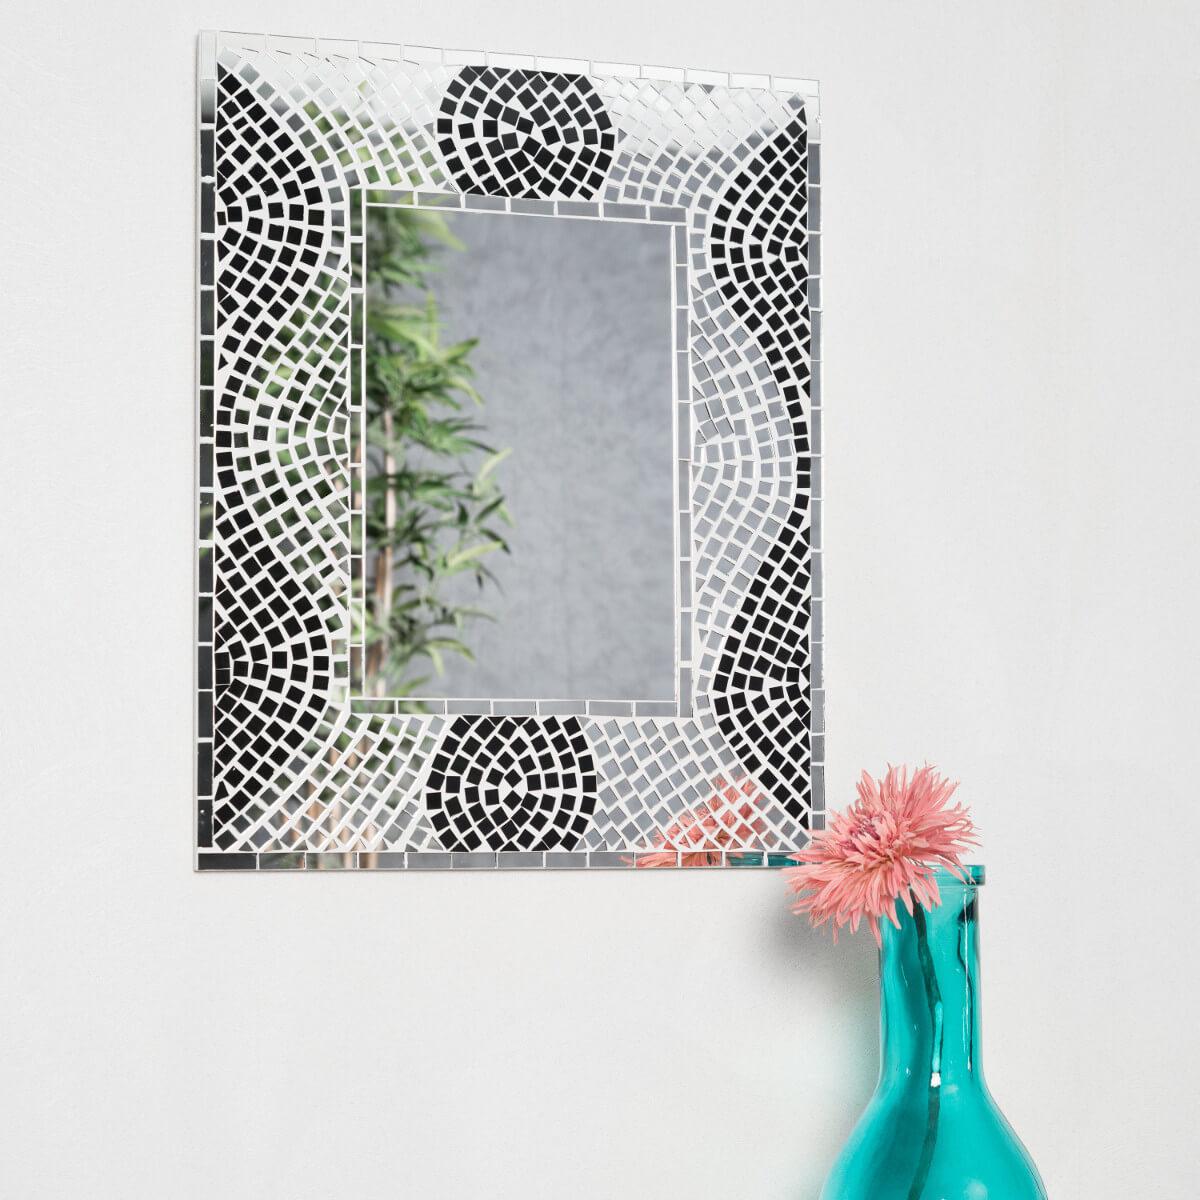 objet de decoration pour salon must have la fontaine duintrieur sakura with objet de decoration. Black Bedroom Furniture Sets. Home Design Ideas